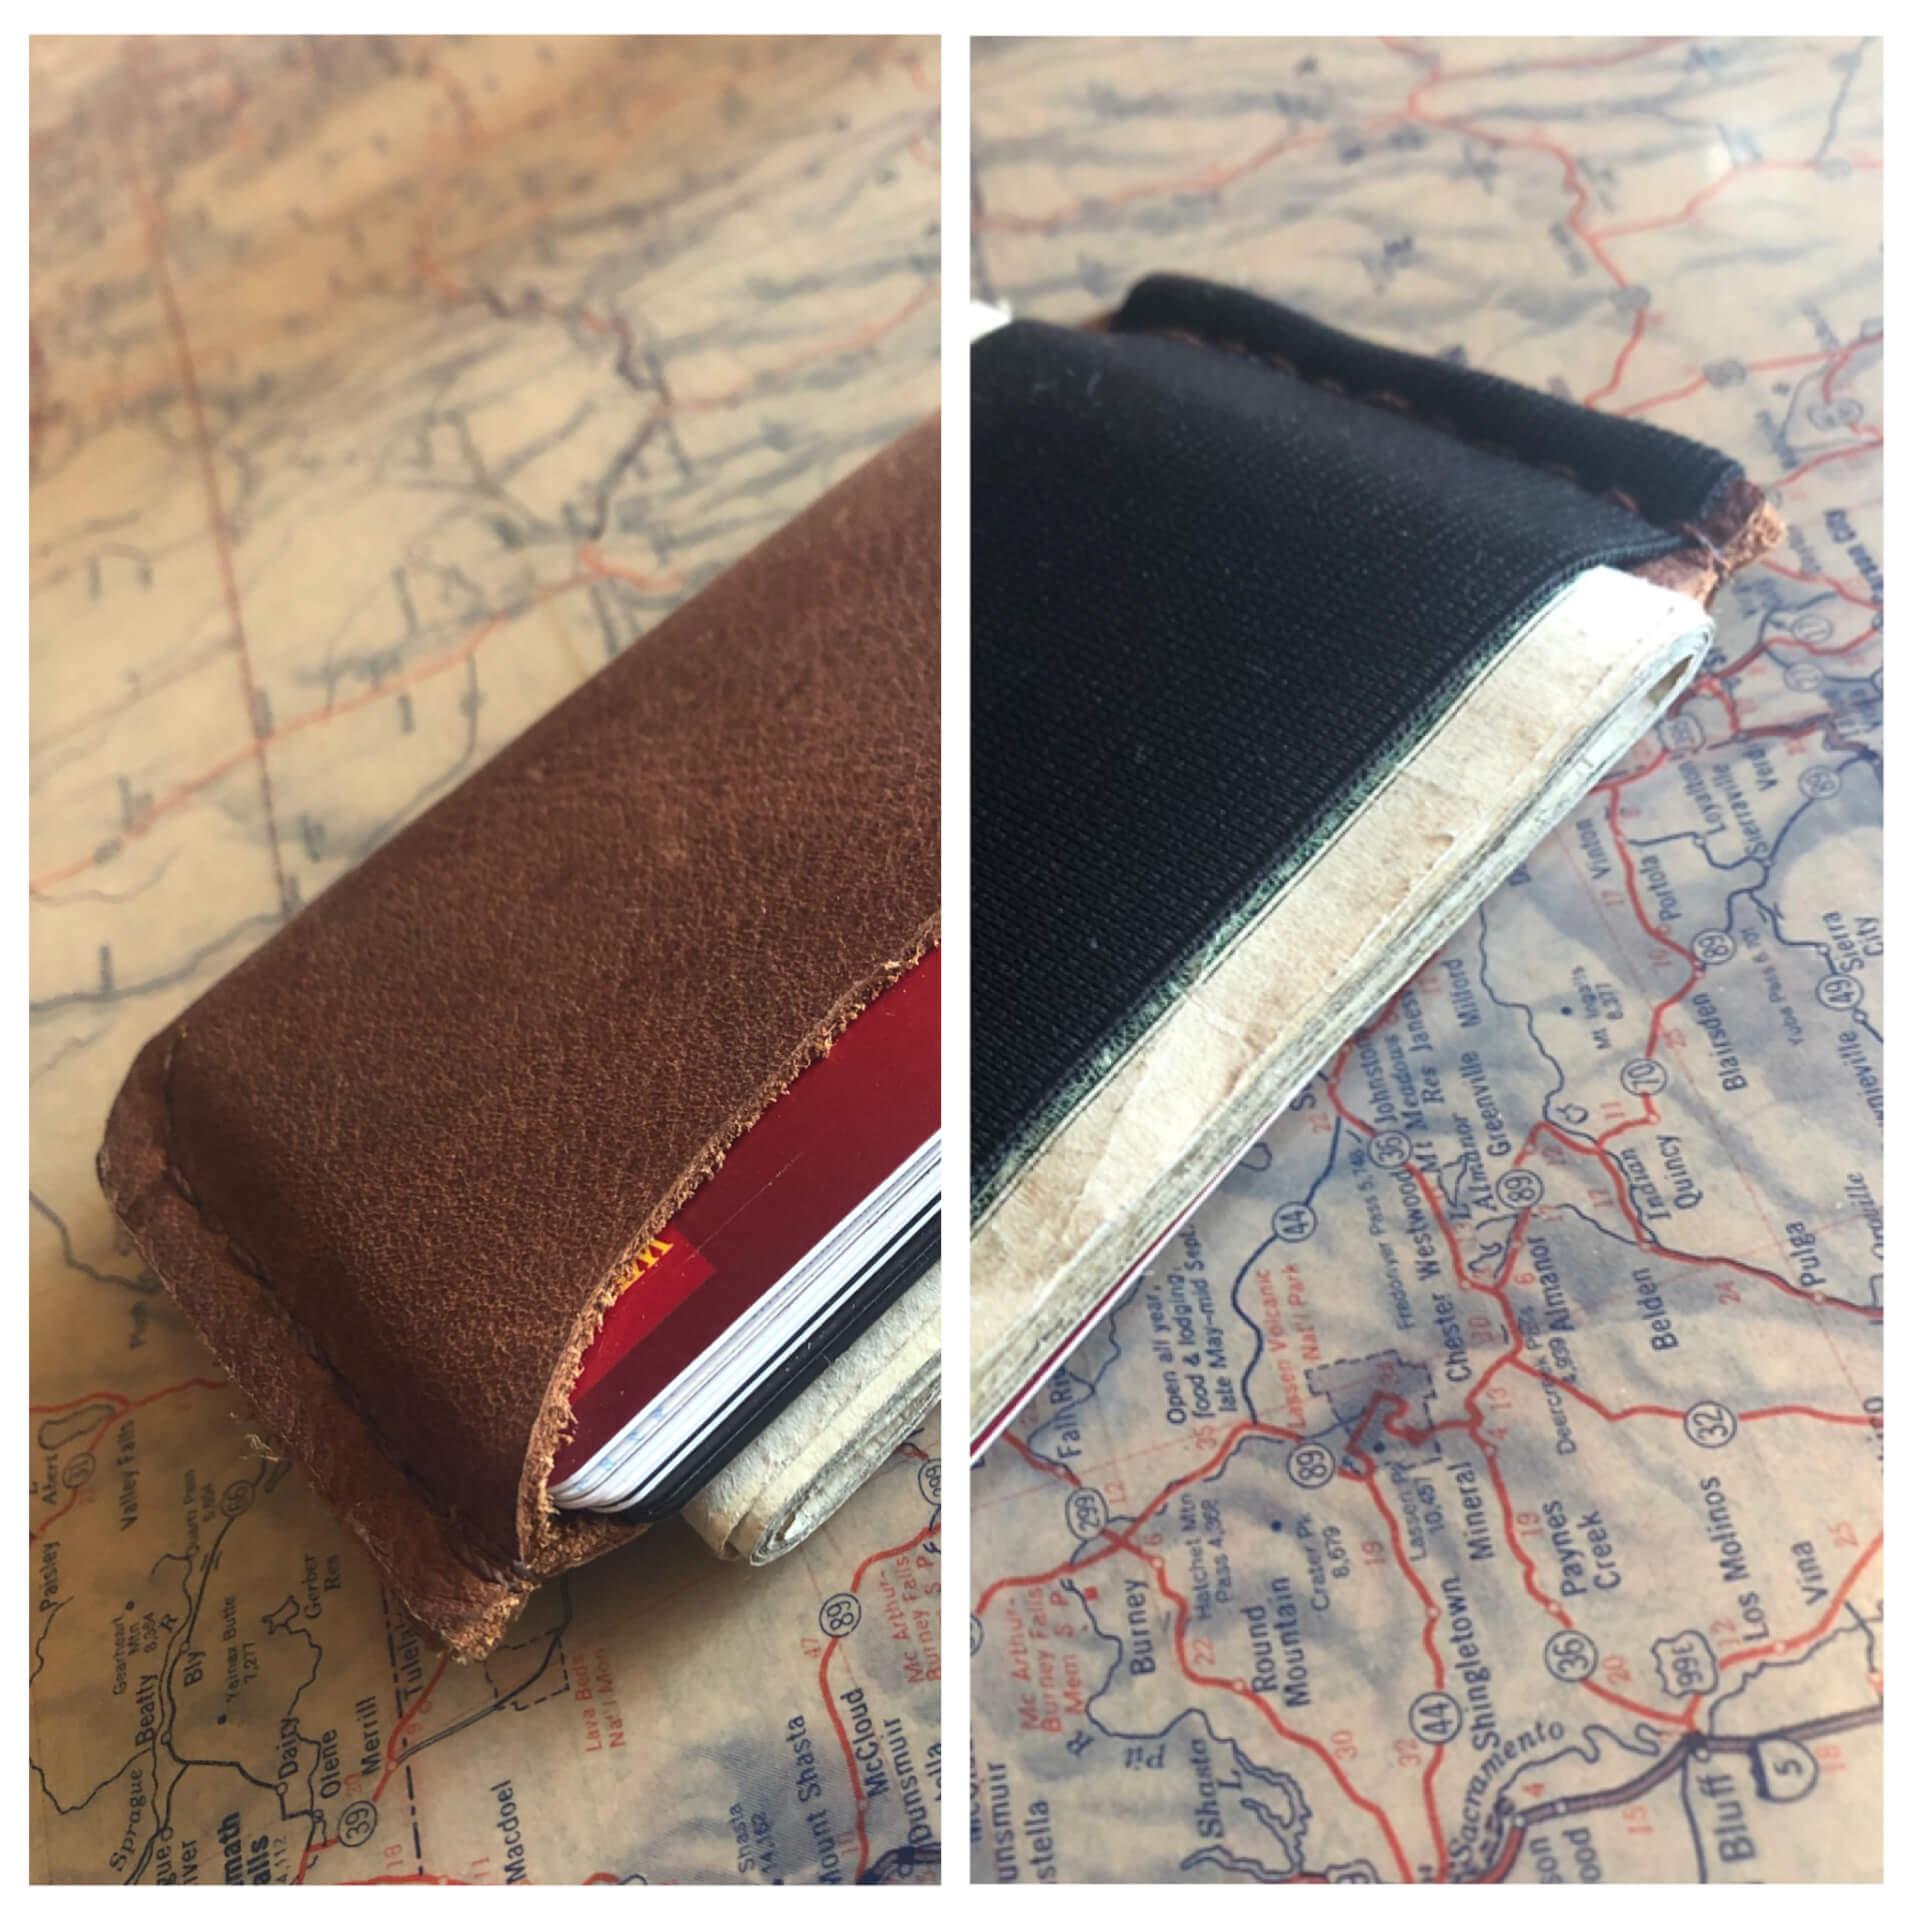 make&take a Leather Wallet